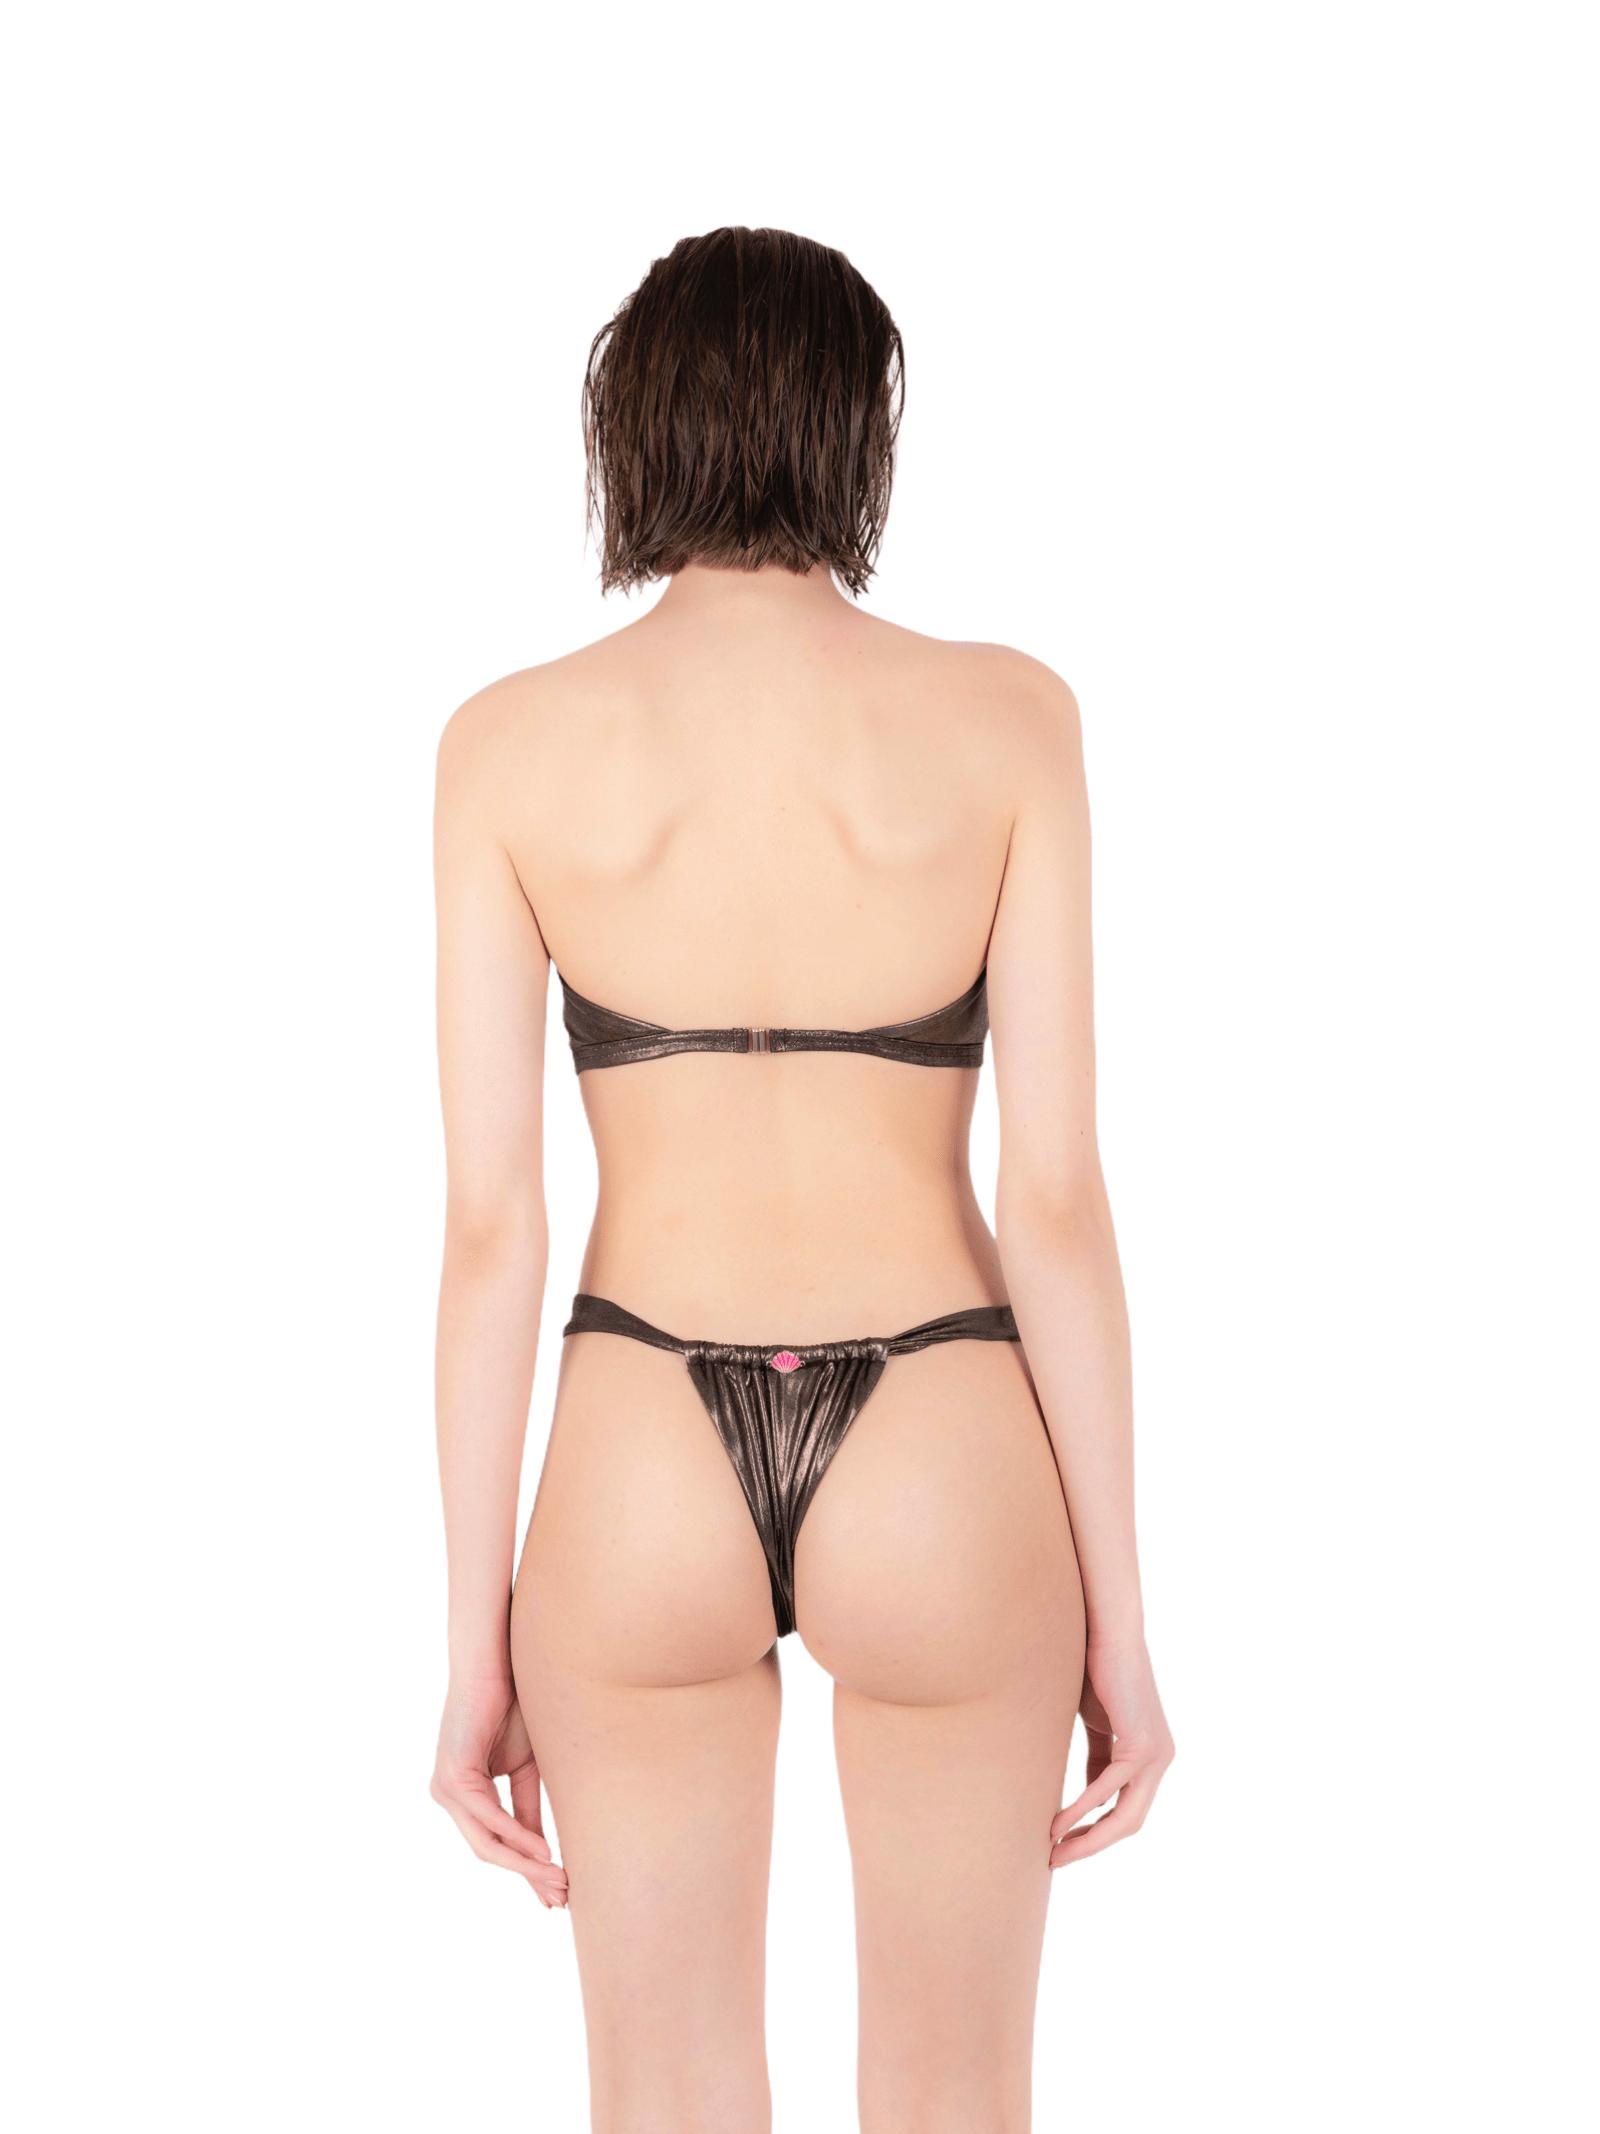 Bikini top with lace slip ANNAMARE | 23 | BK-112MARRONE